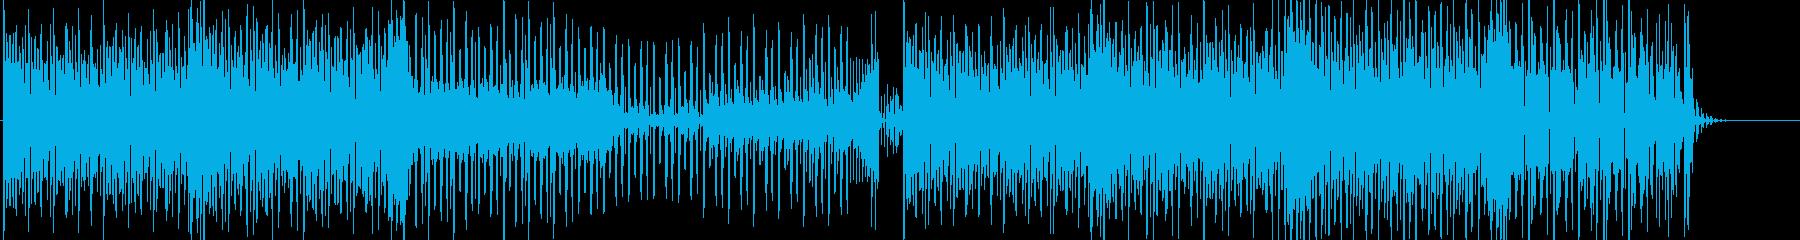 和風昔風エレクトロポップ:メロなしverの再生済みの波形